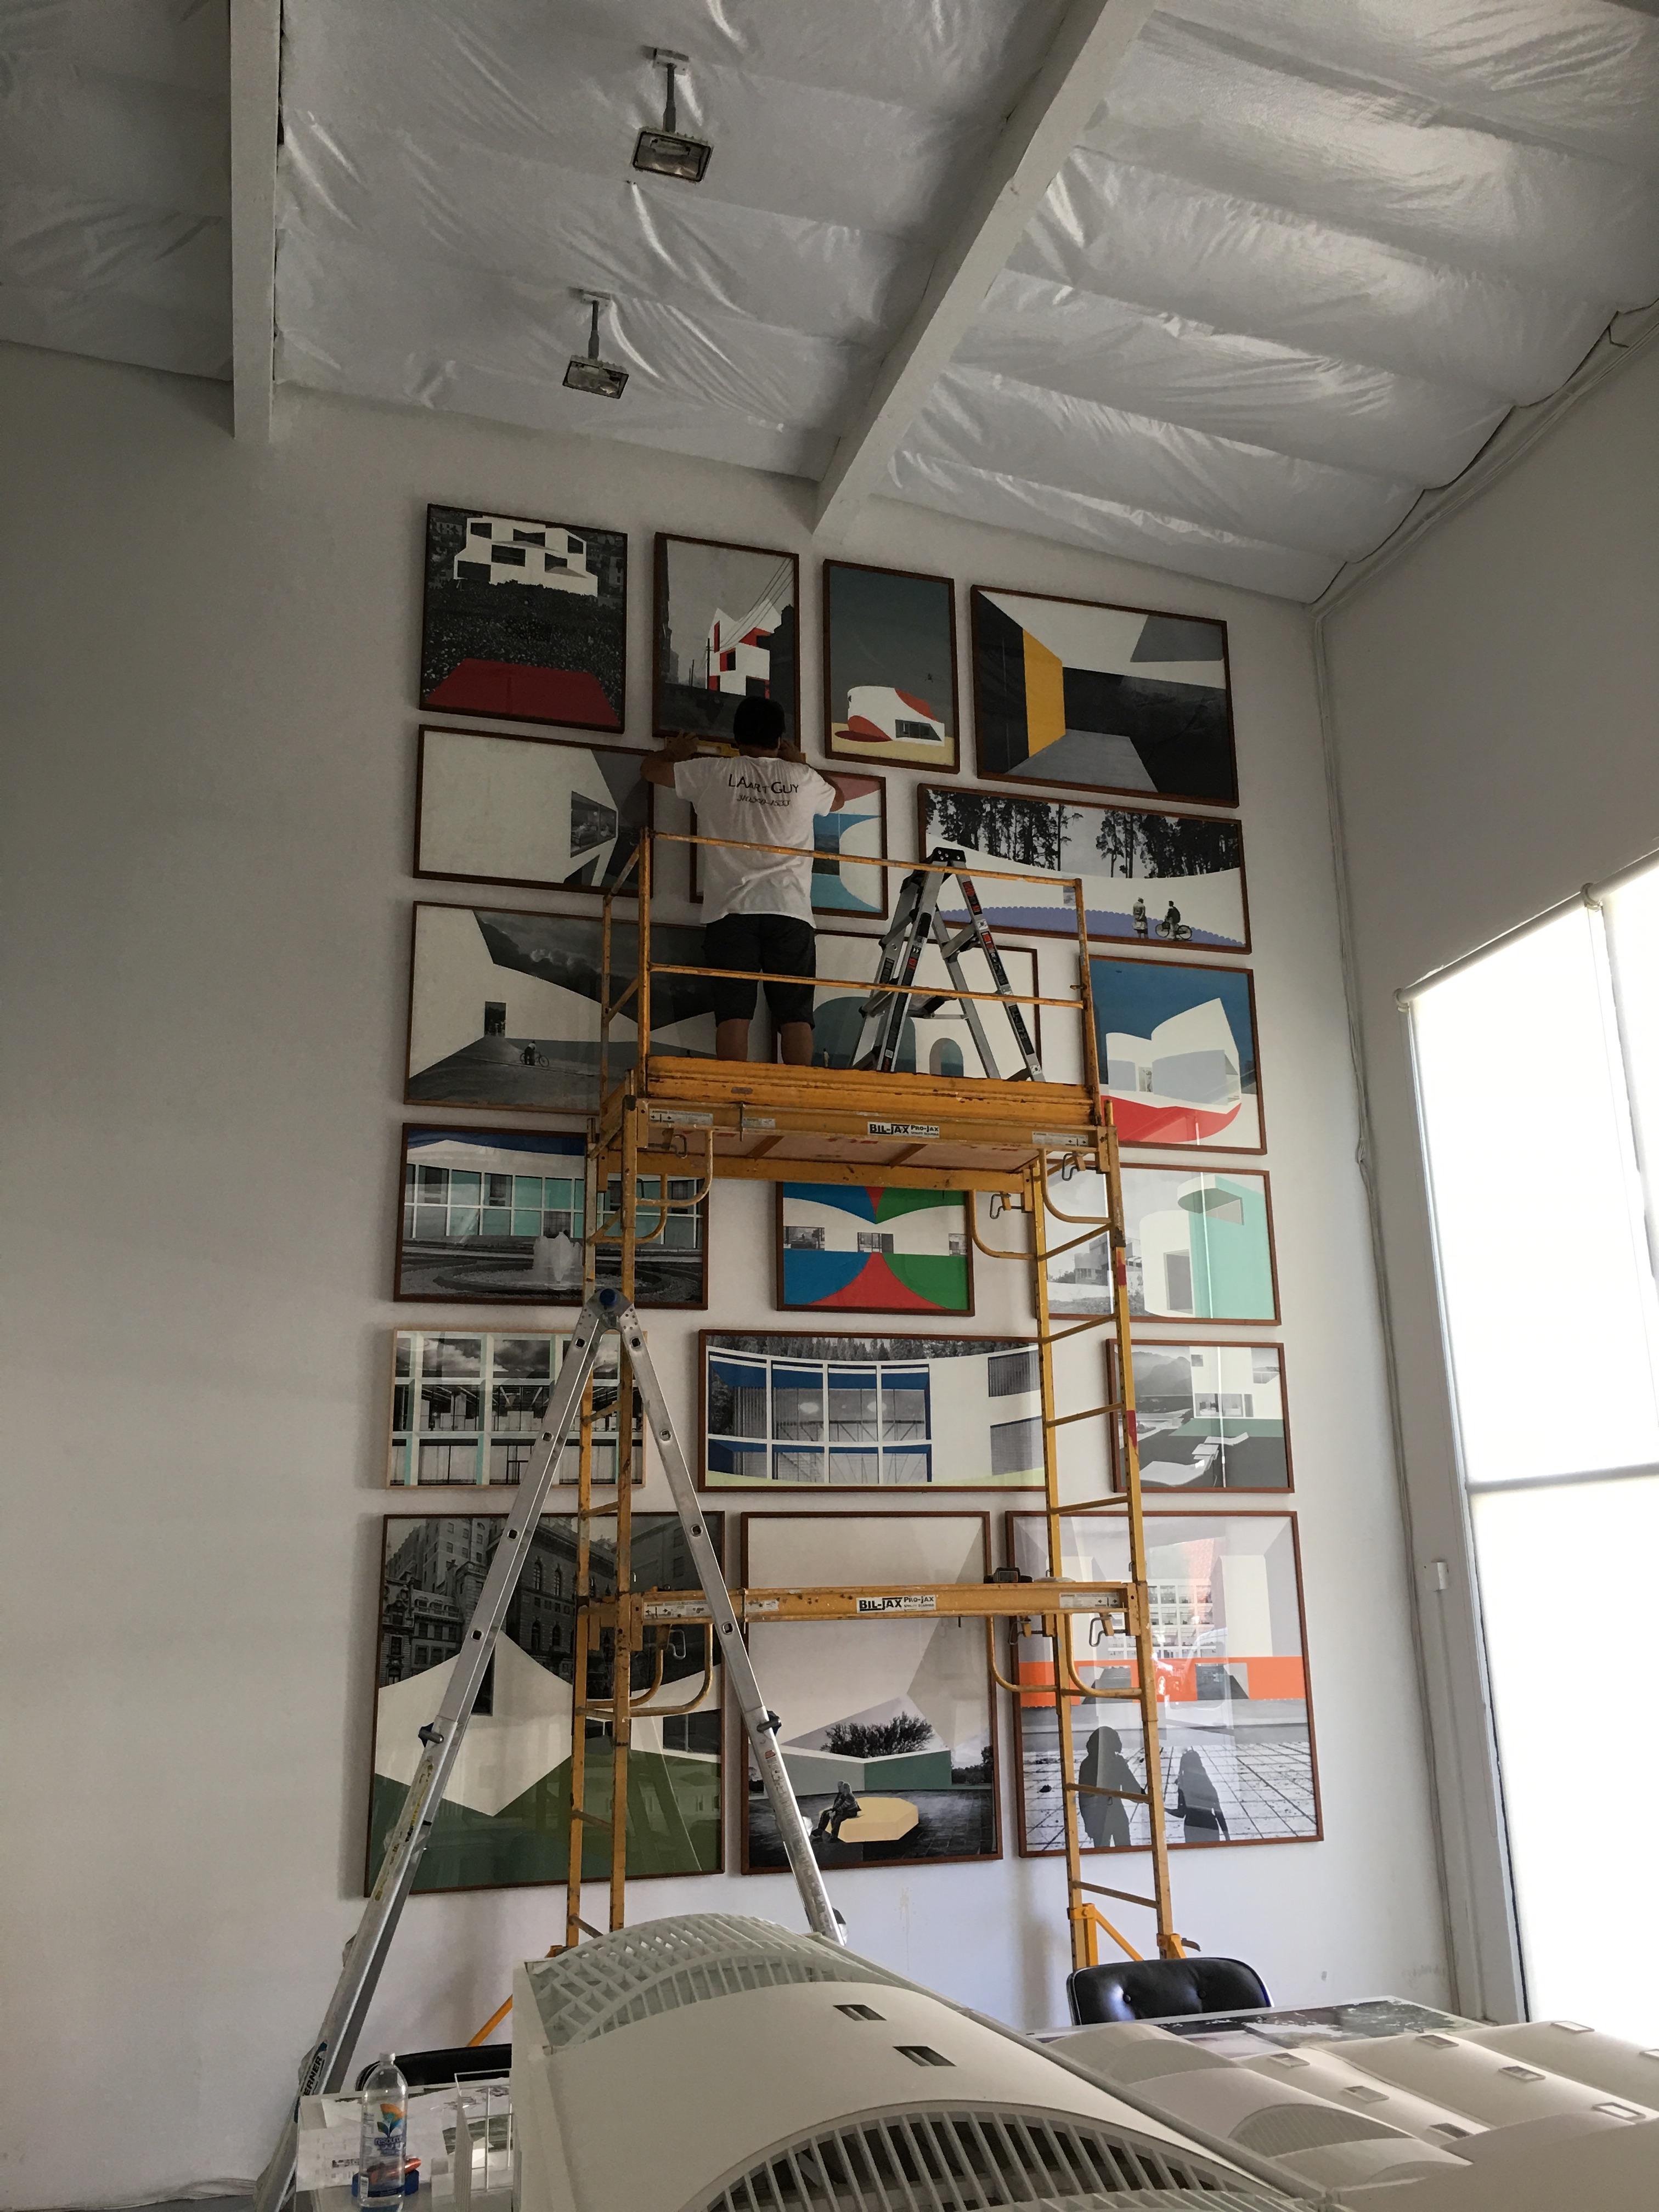 LAArtGuy installation JohnstonMarkLee